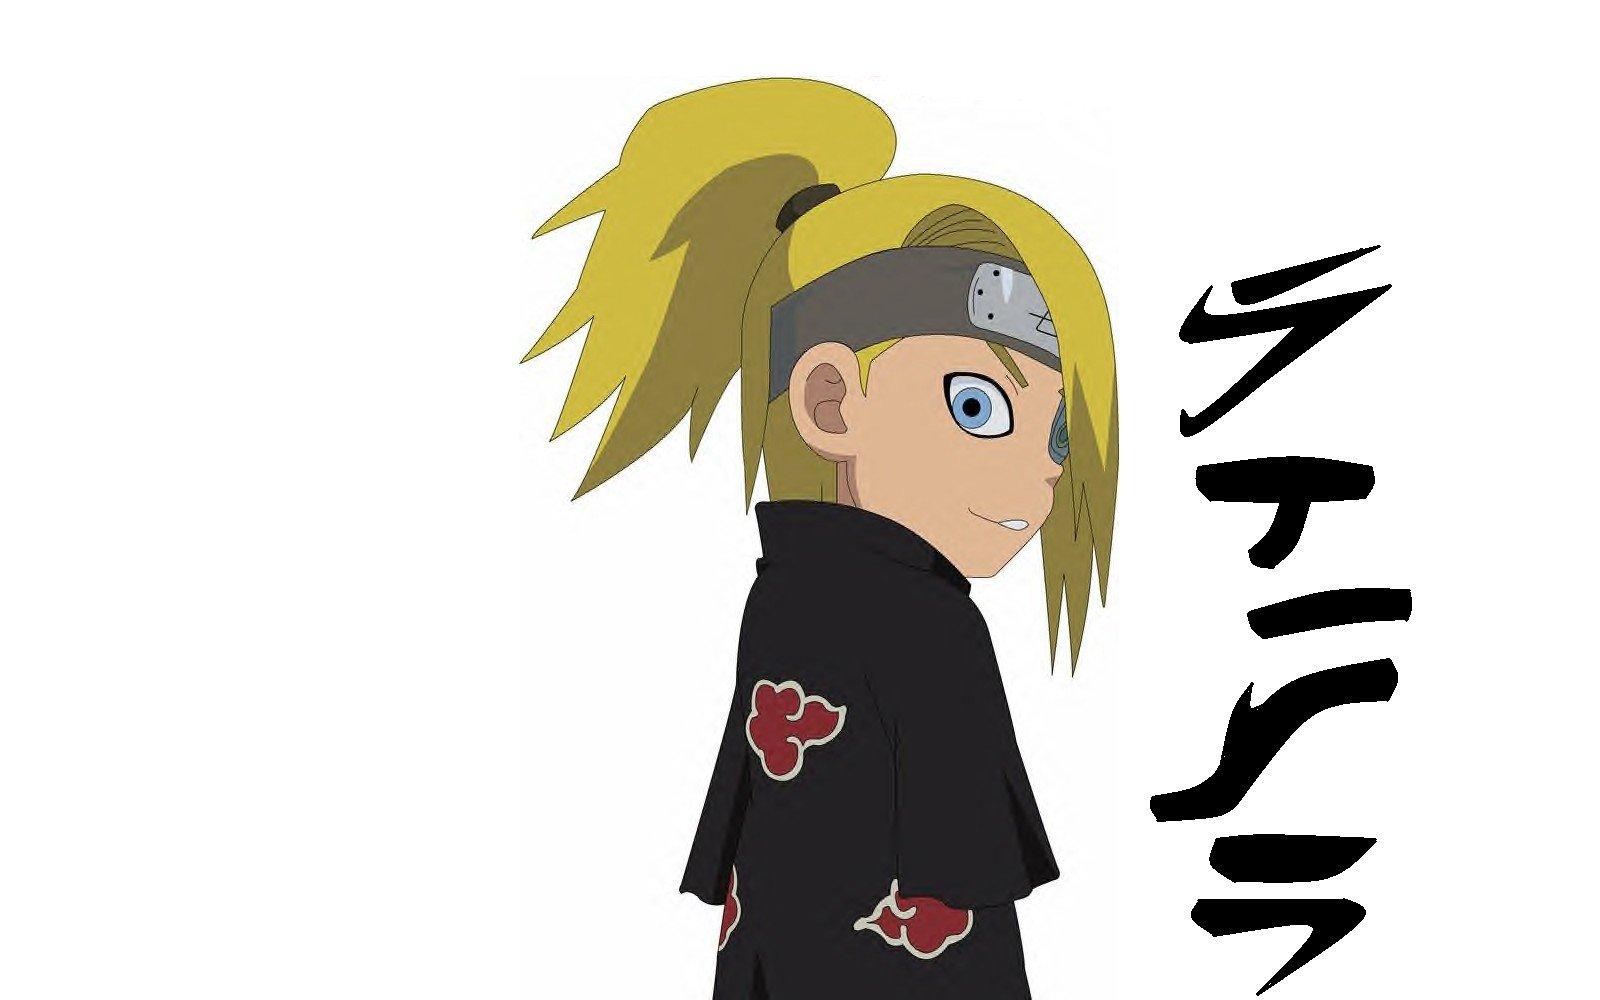 Chibi Naruto Wallpaper 1600x1000 Chibi Naruto Akatsuki Deidara 1600x1000